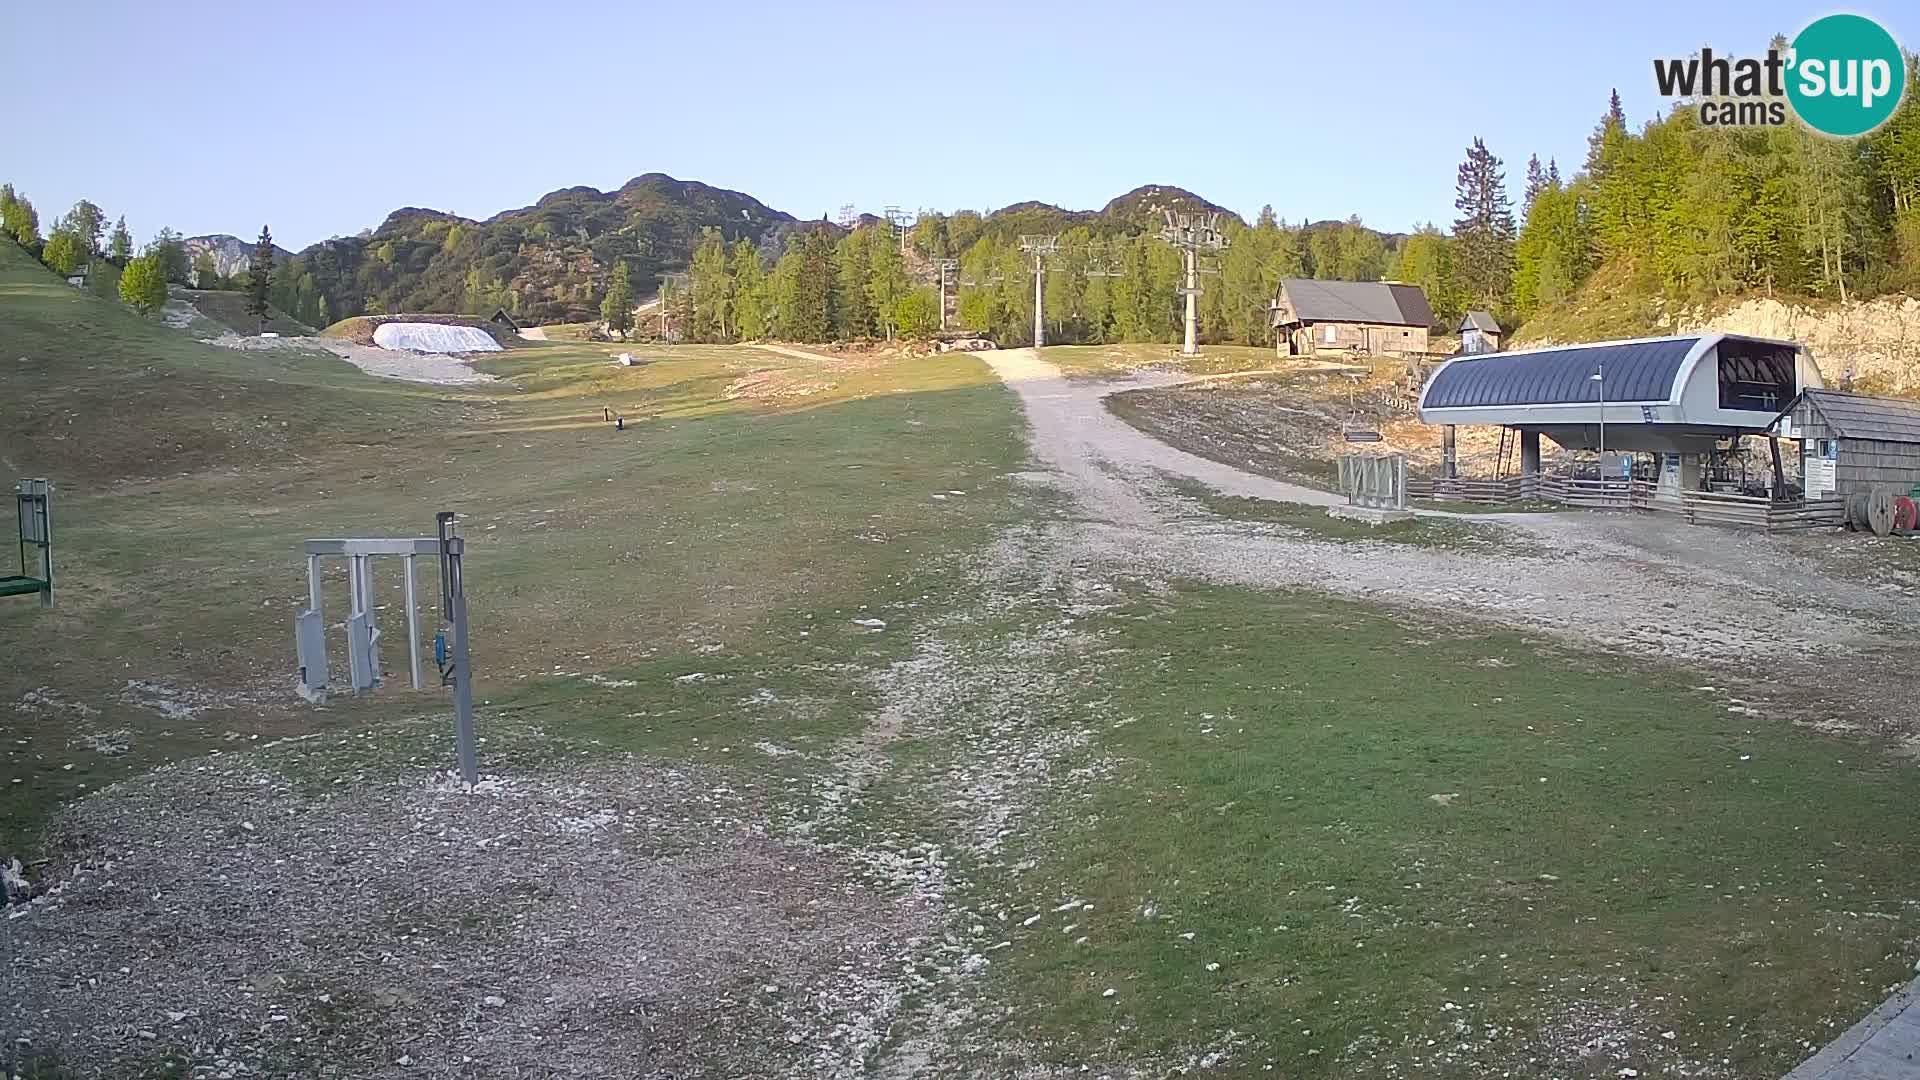 Stazione sciistica Vogel – parko neve